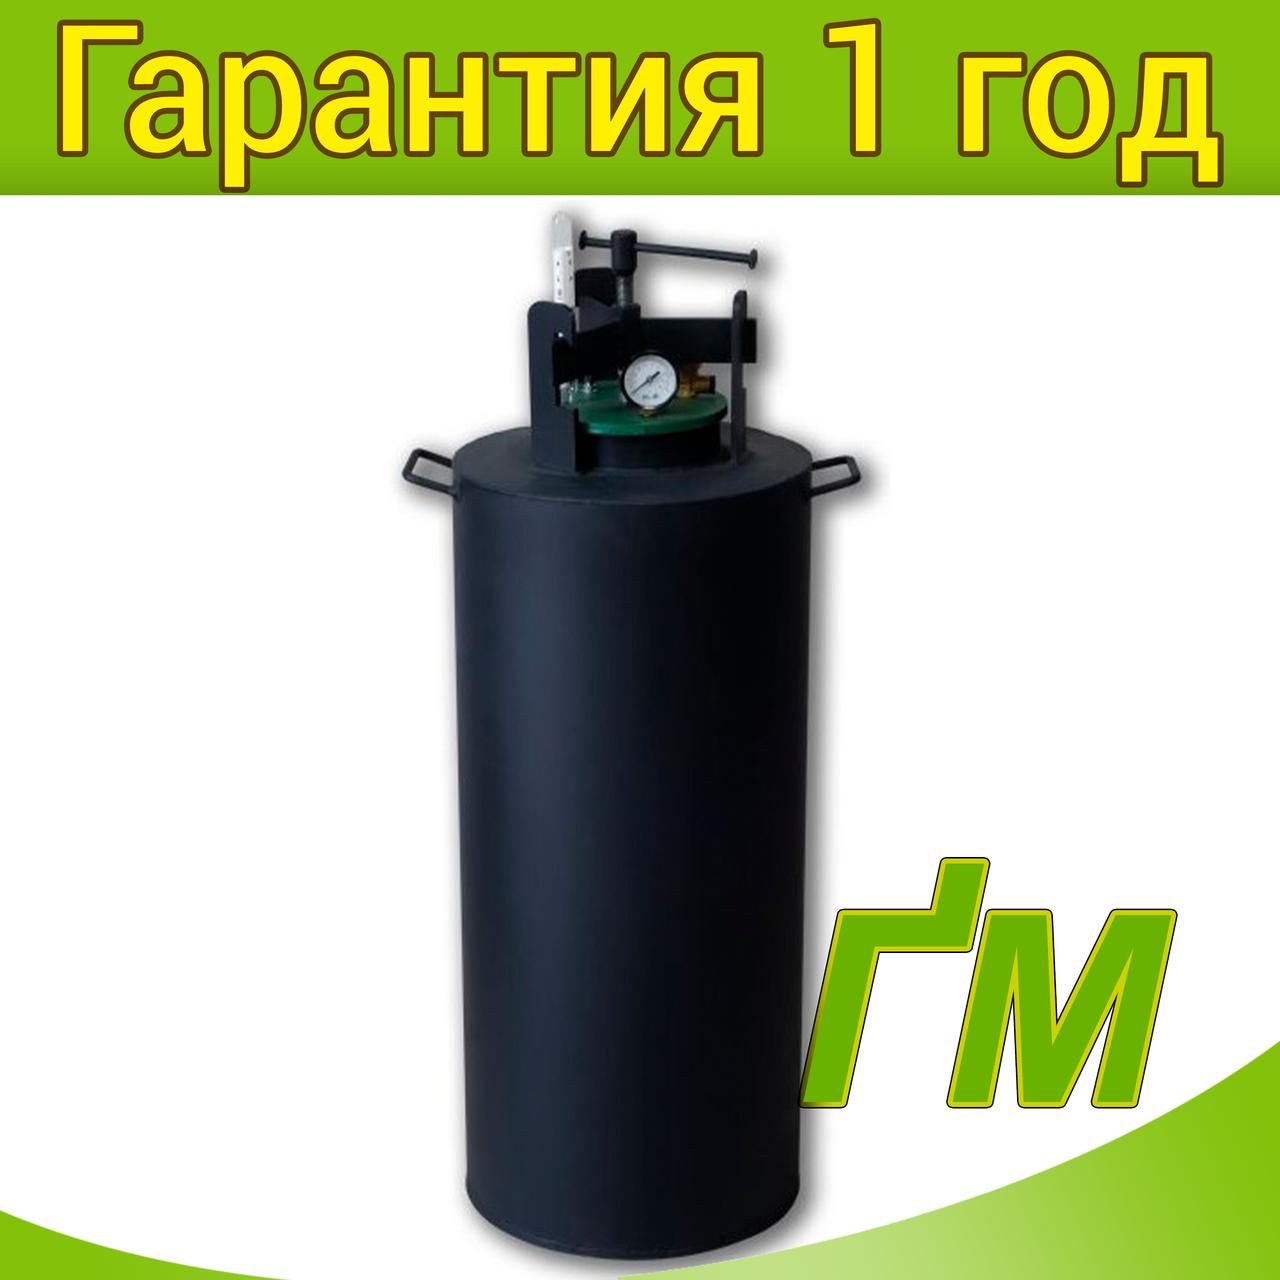 Автоклав ЧМ-44 Люкс (винтовой на 44 банки) + подарок